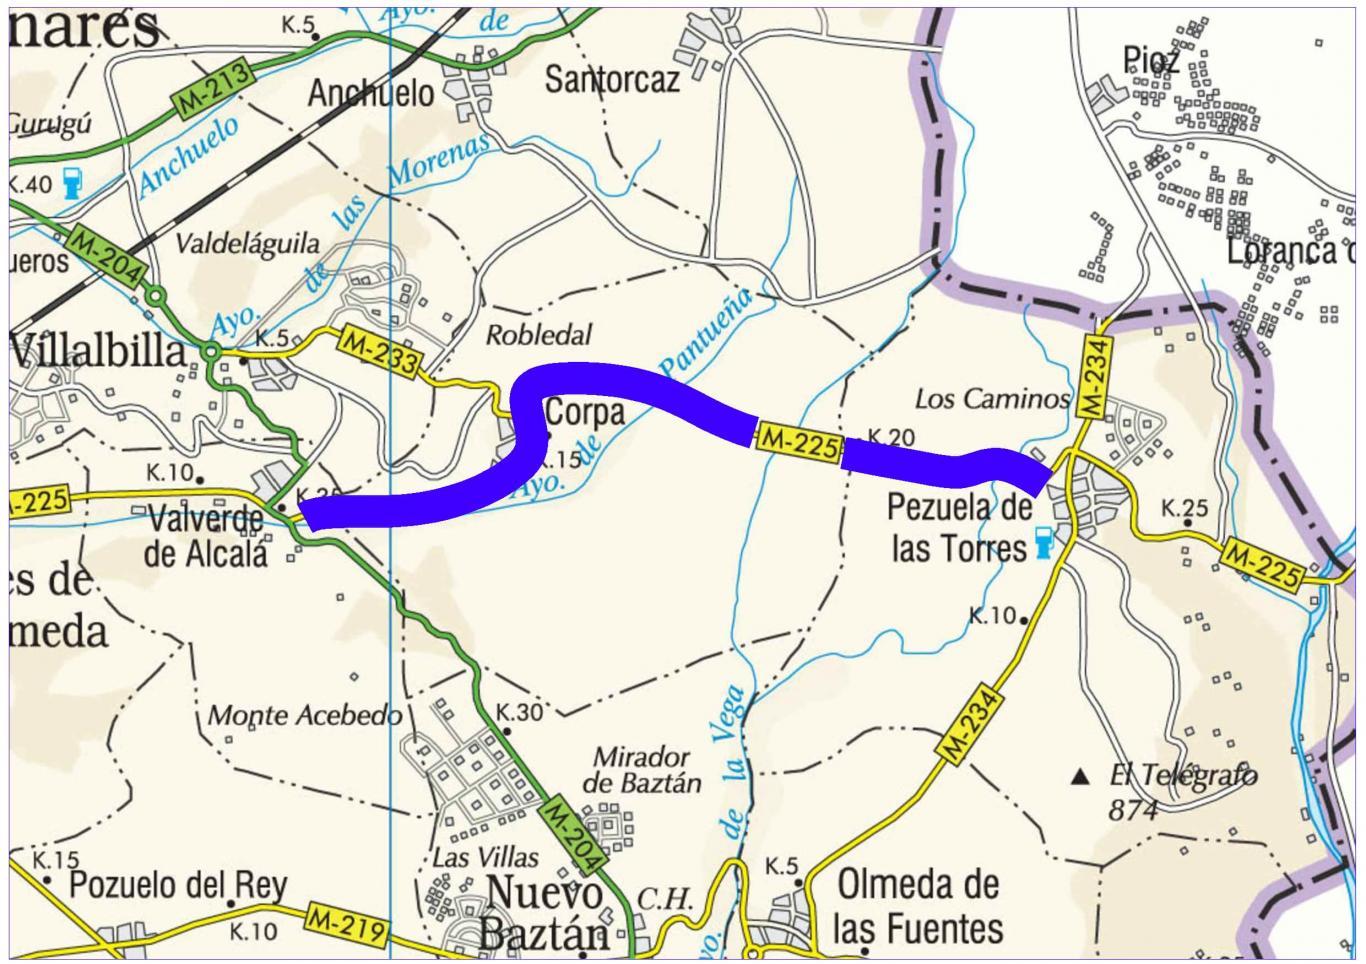 Plano de situación de la obra M-225 pk 11,000-23,000